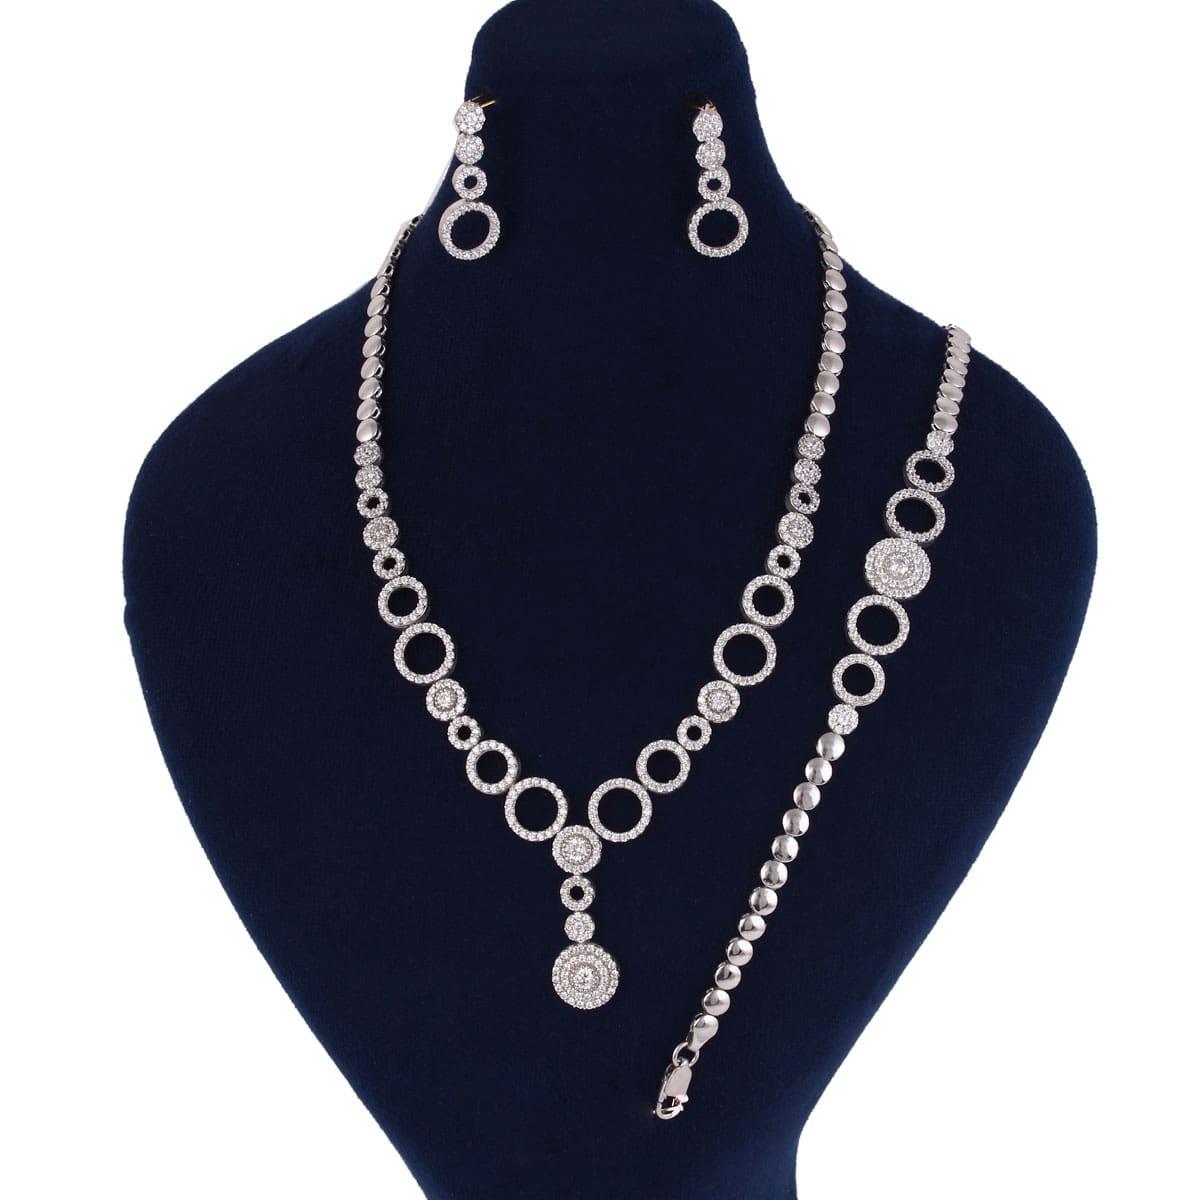 خرید سرویس نقره زنانه مدل آتریسا